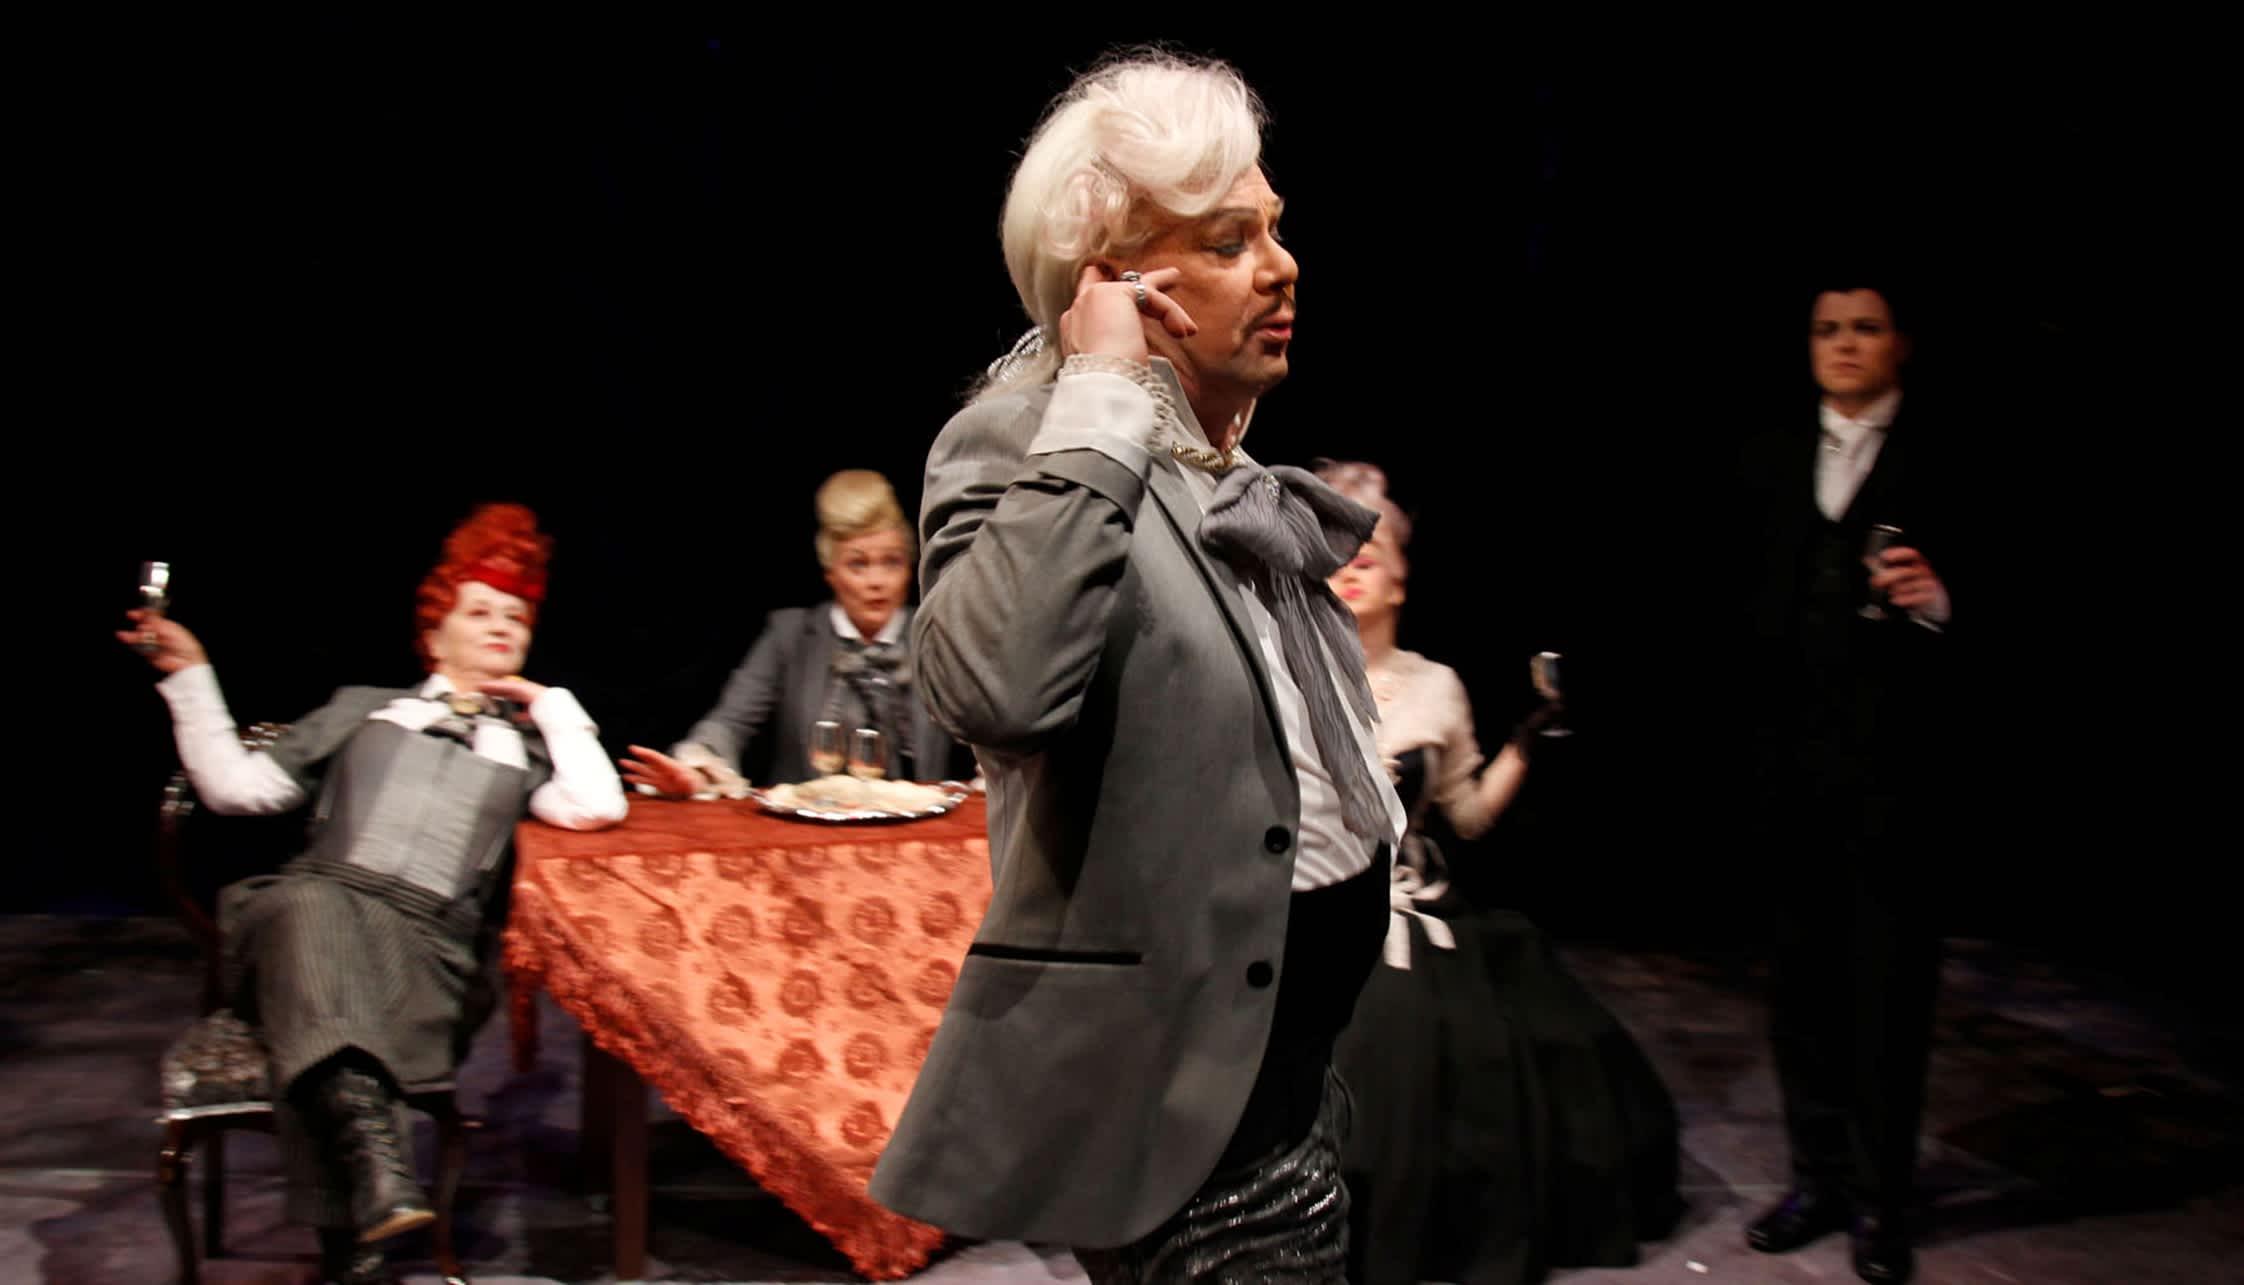 Ilmo Ranne Amadeuksena Kouvolan teatterissa.